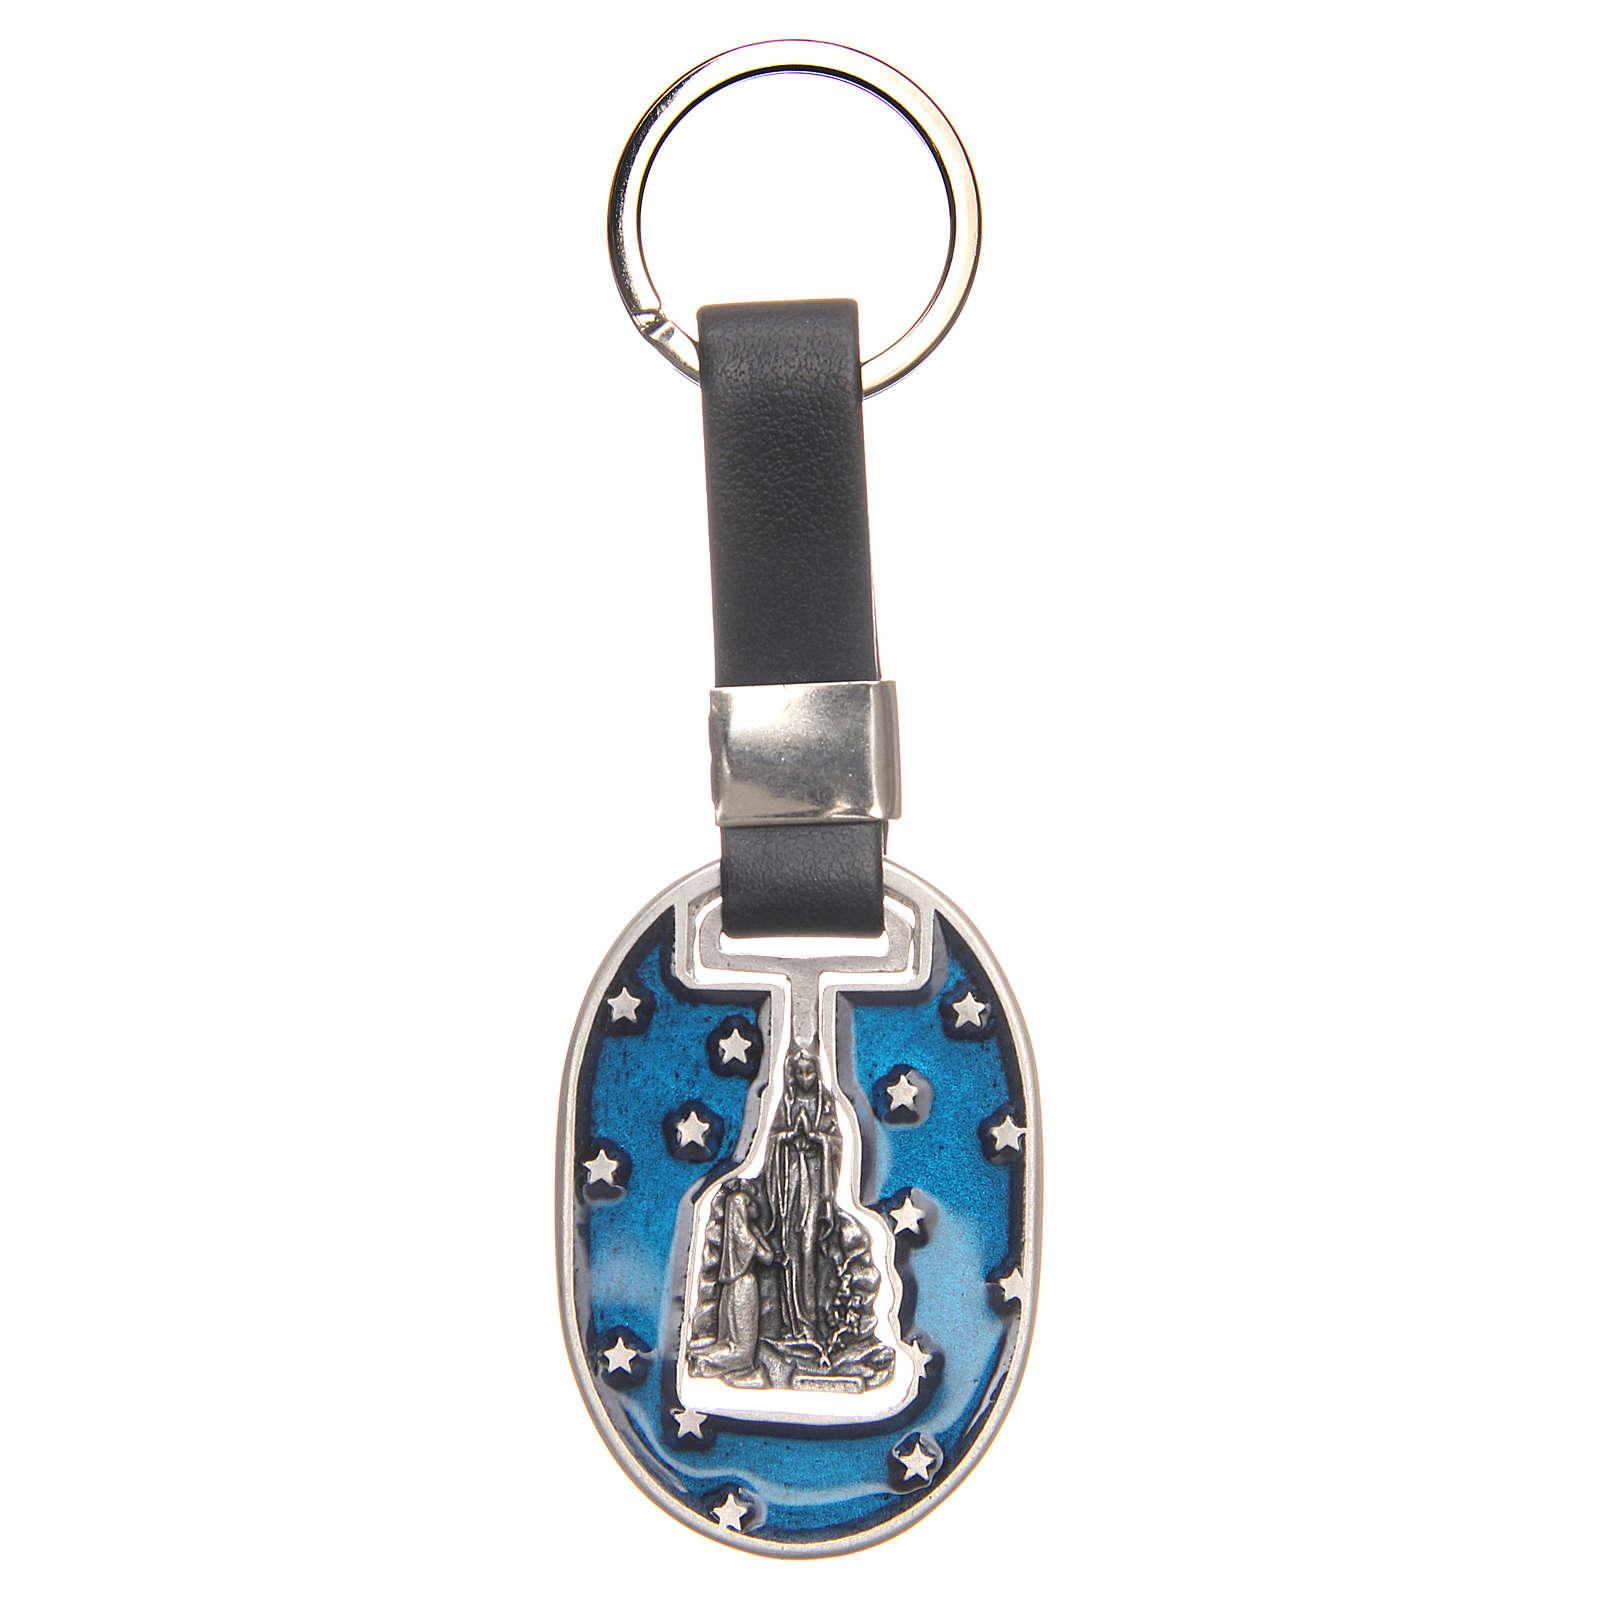 Porte-clef Lourdes zamac argenté vieilli 3